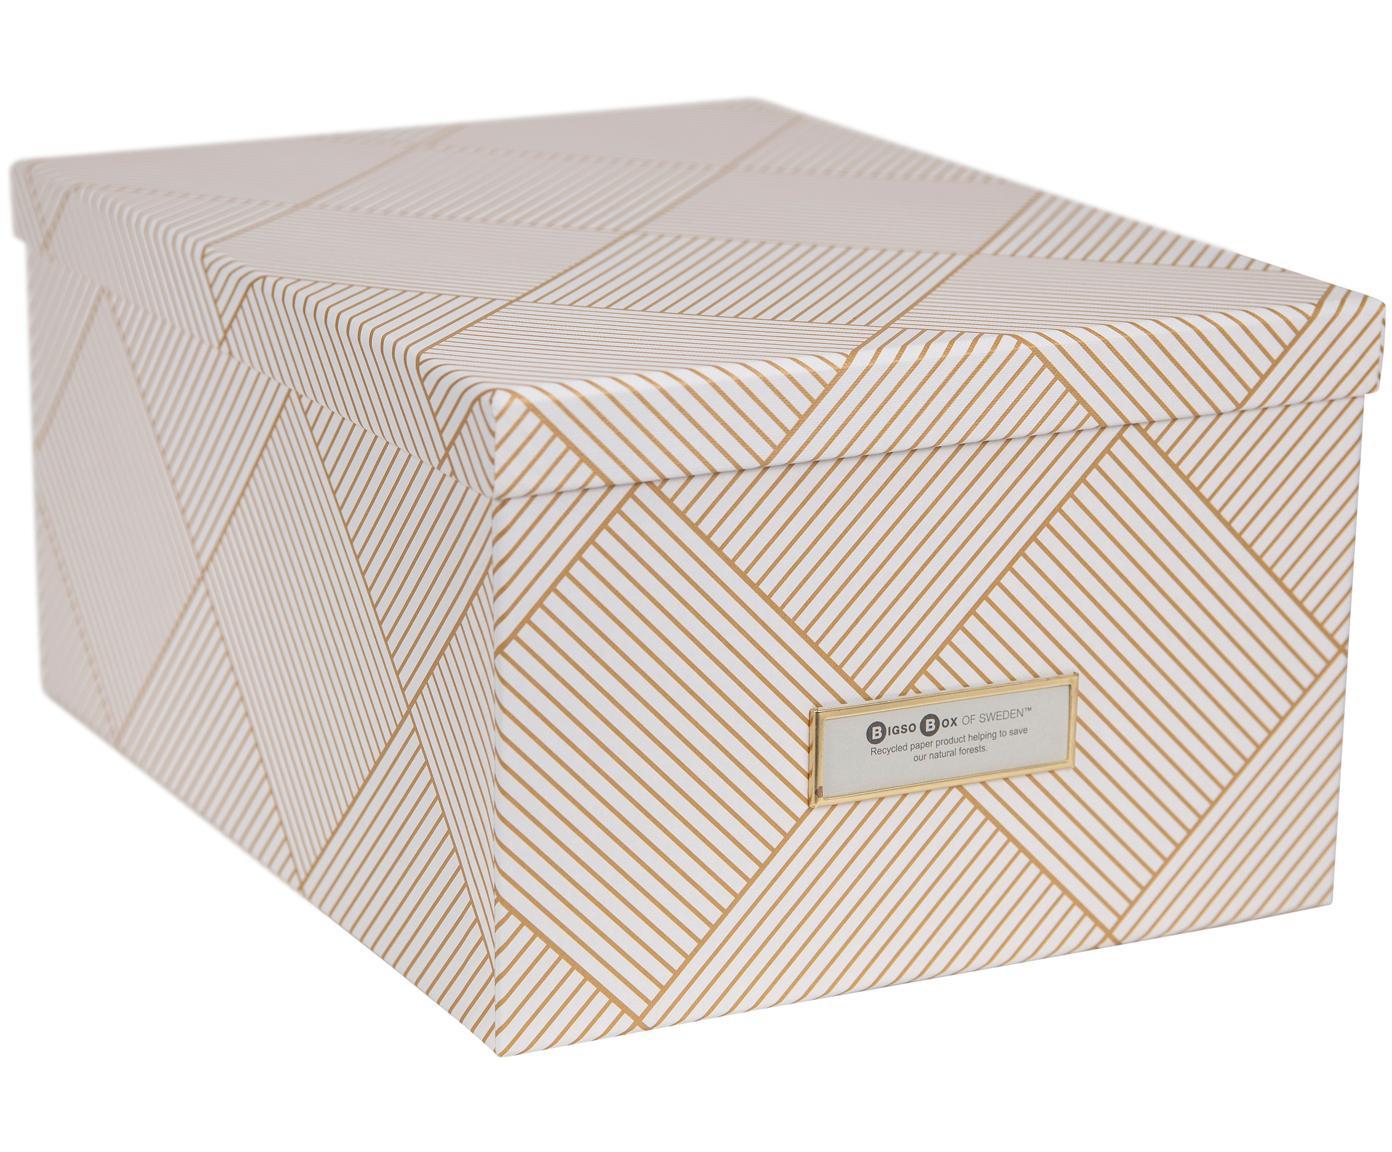 Opbergdoos Gustav, Doos: stevig, gelamineerd karto, Goudkleurig, wit, 30 x 15 cm